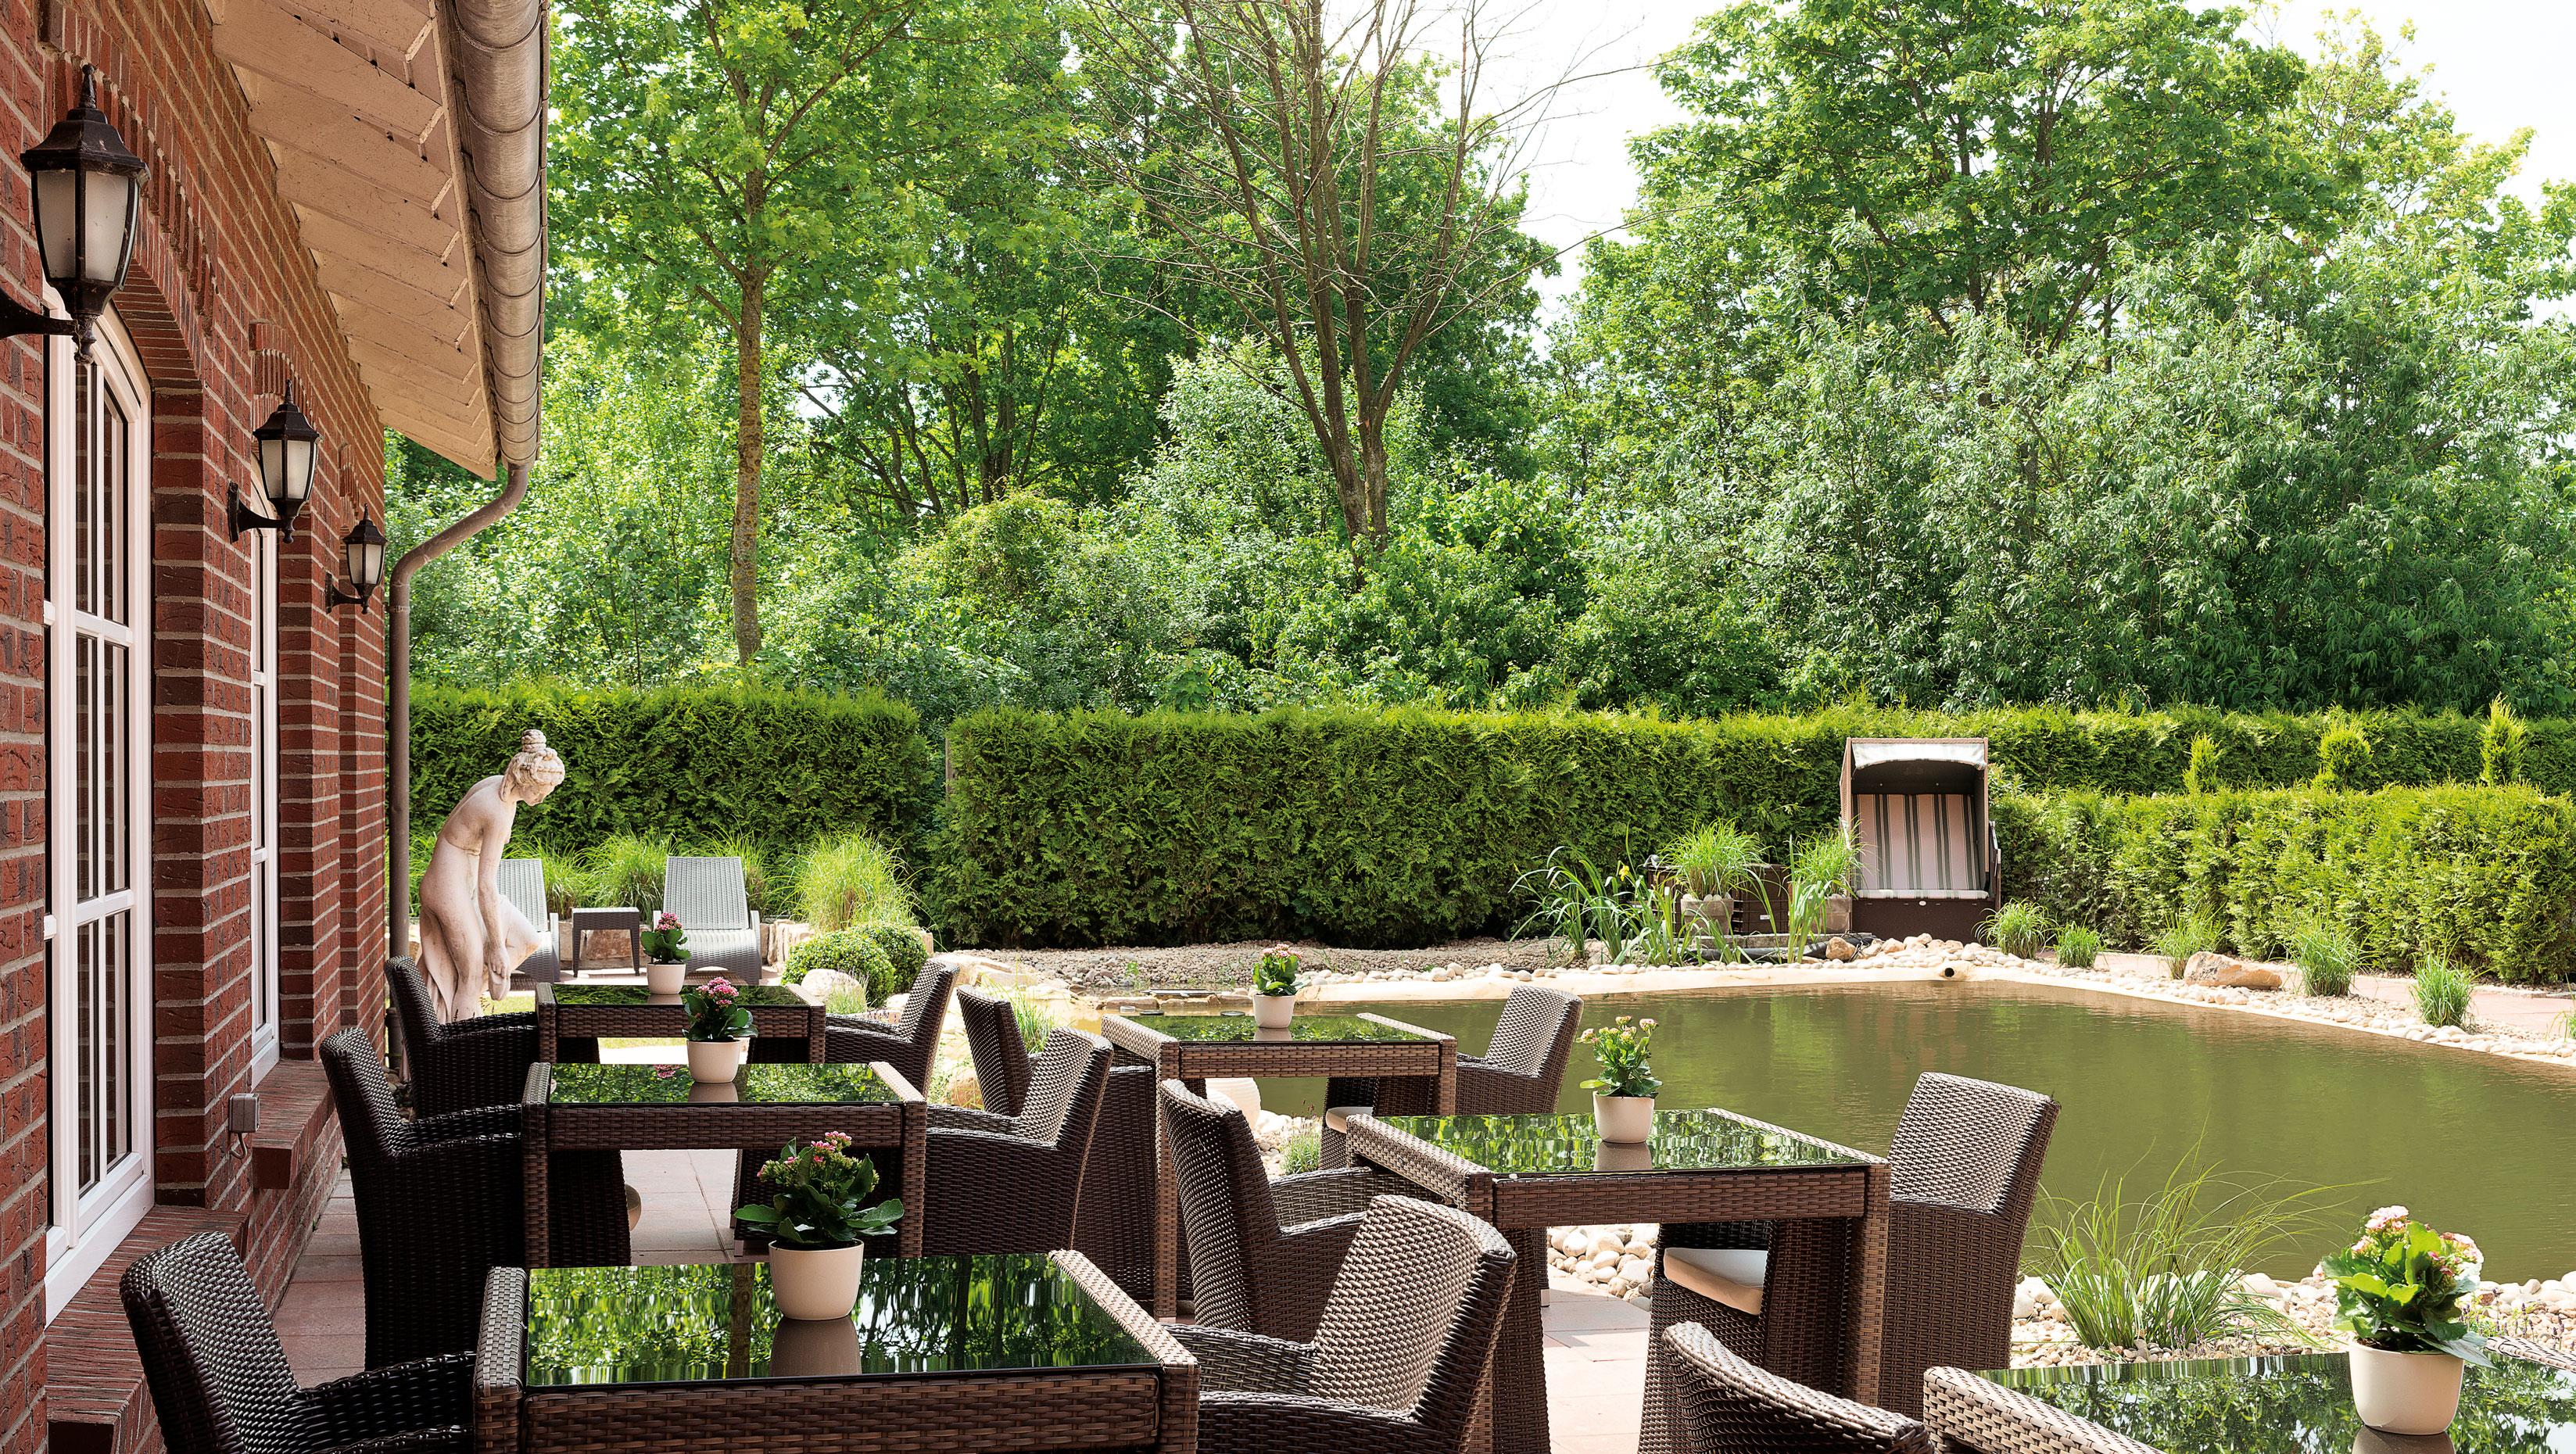 outdoor badeparadies im romantik hof erholung f r die seele. Black Bedroom Furniture Sets. Home Design Ideas